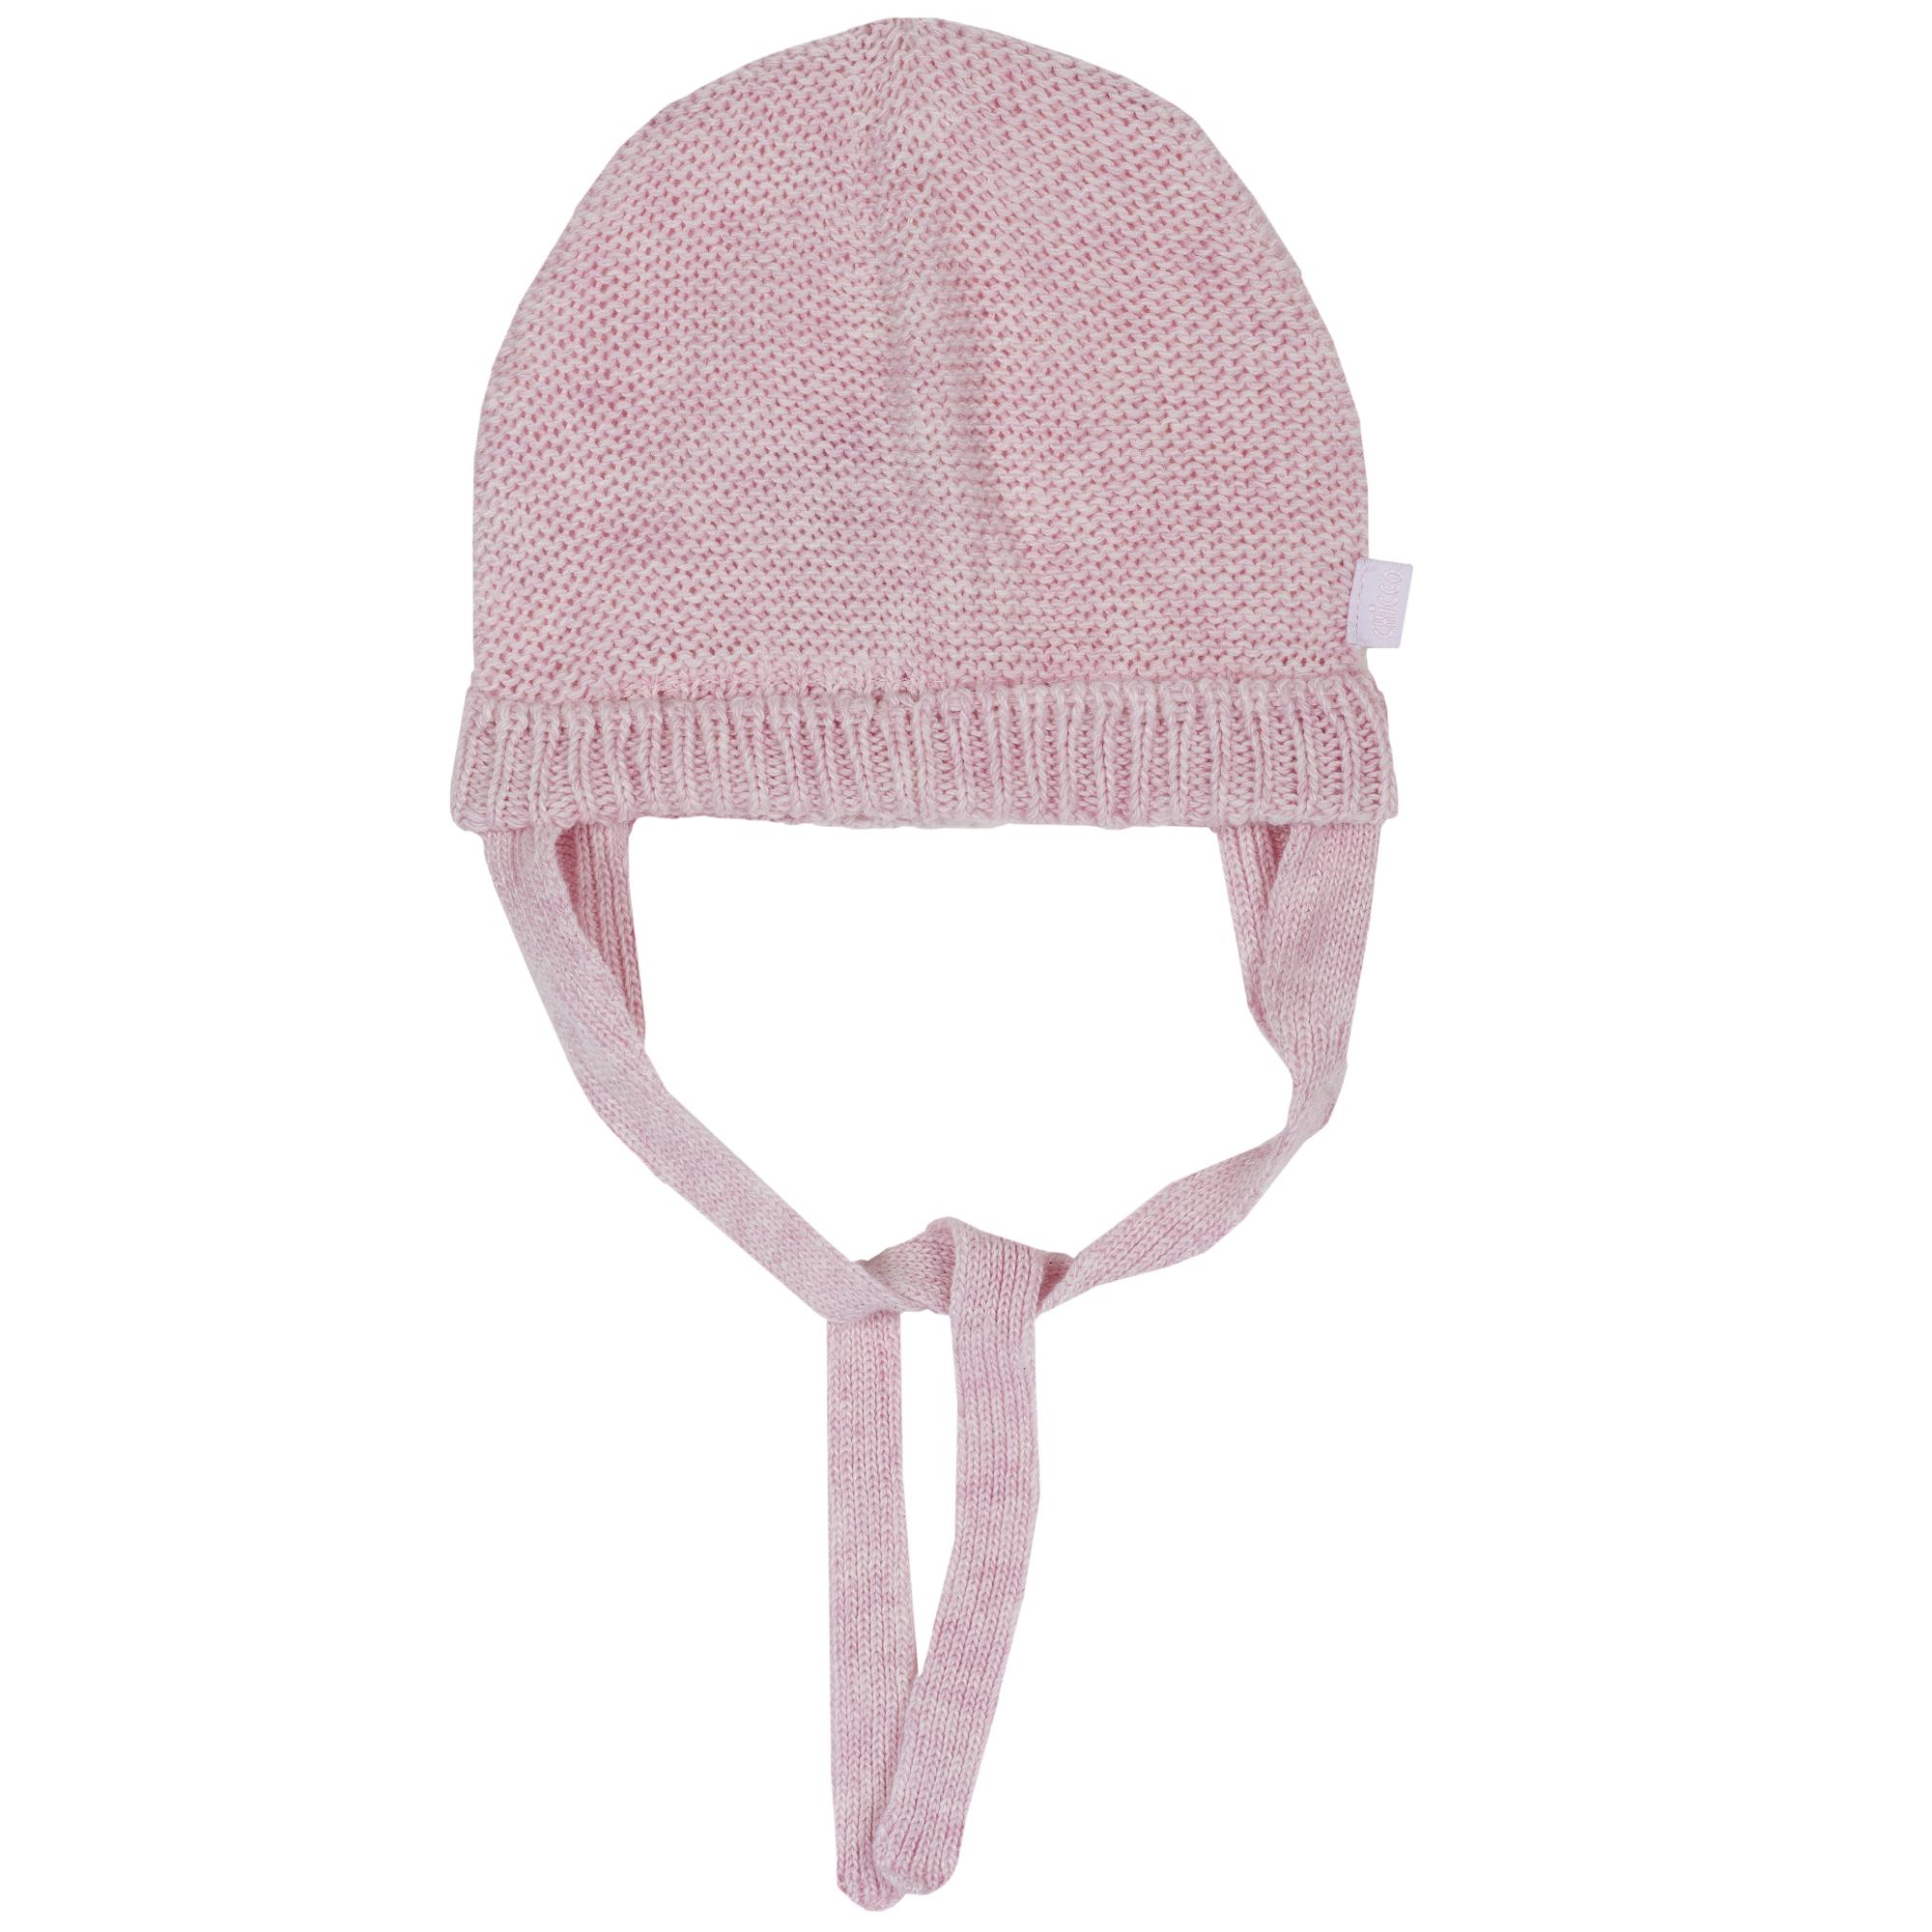 Caciula copii Chicco, tricotata, corai, 04542